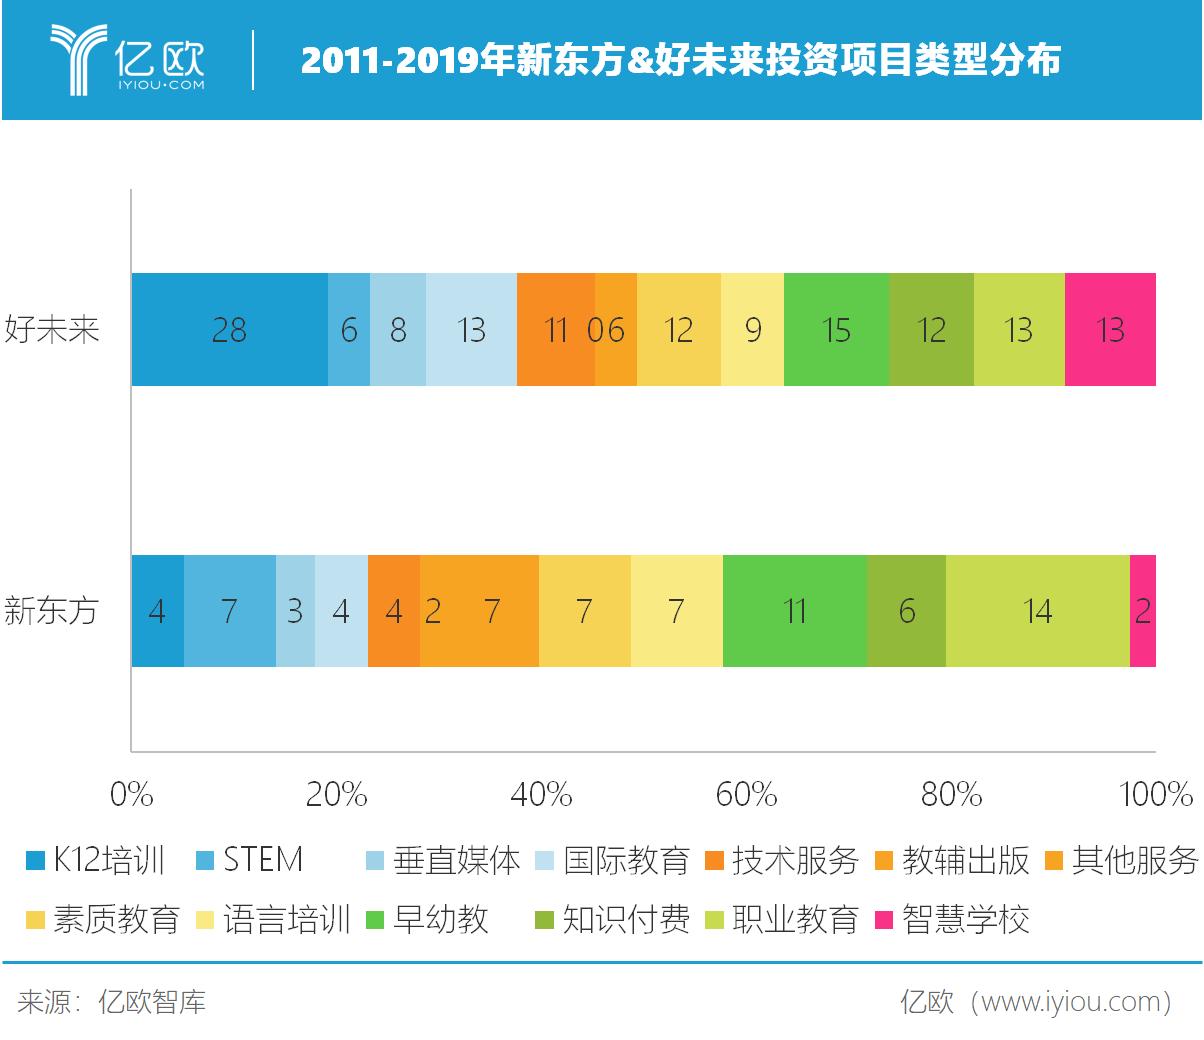 亿欧智库:2011-2019年新东方&好未来投资项目类型分布